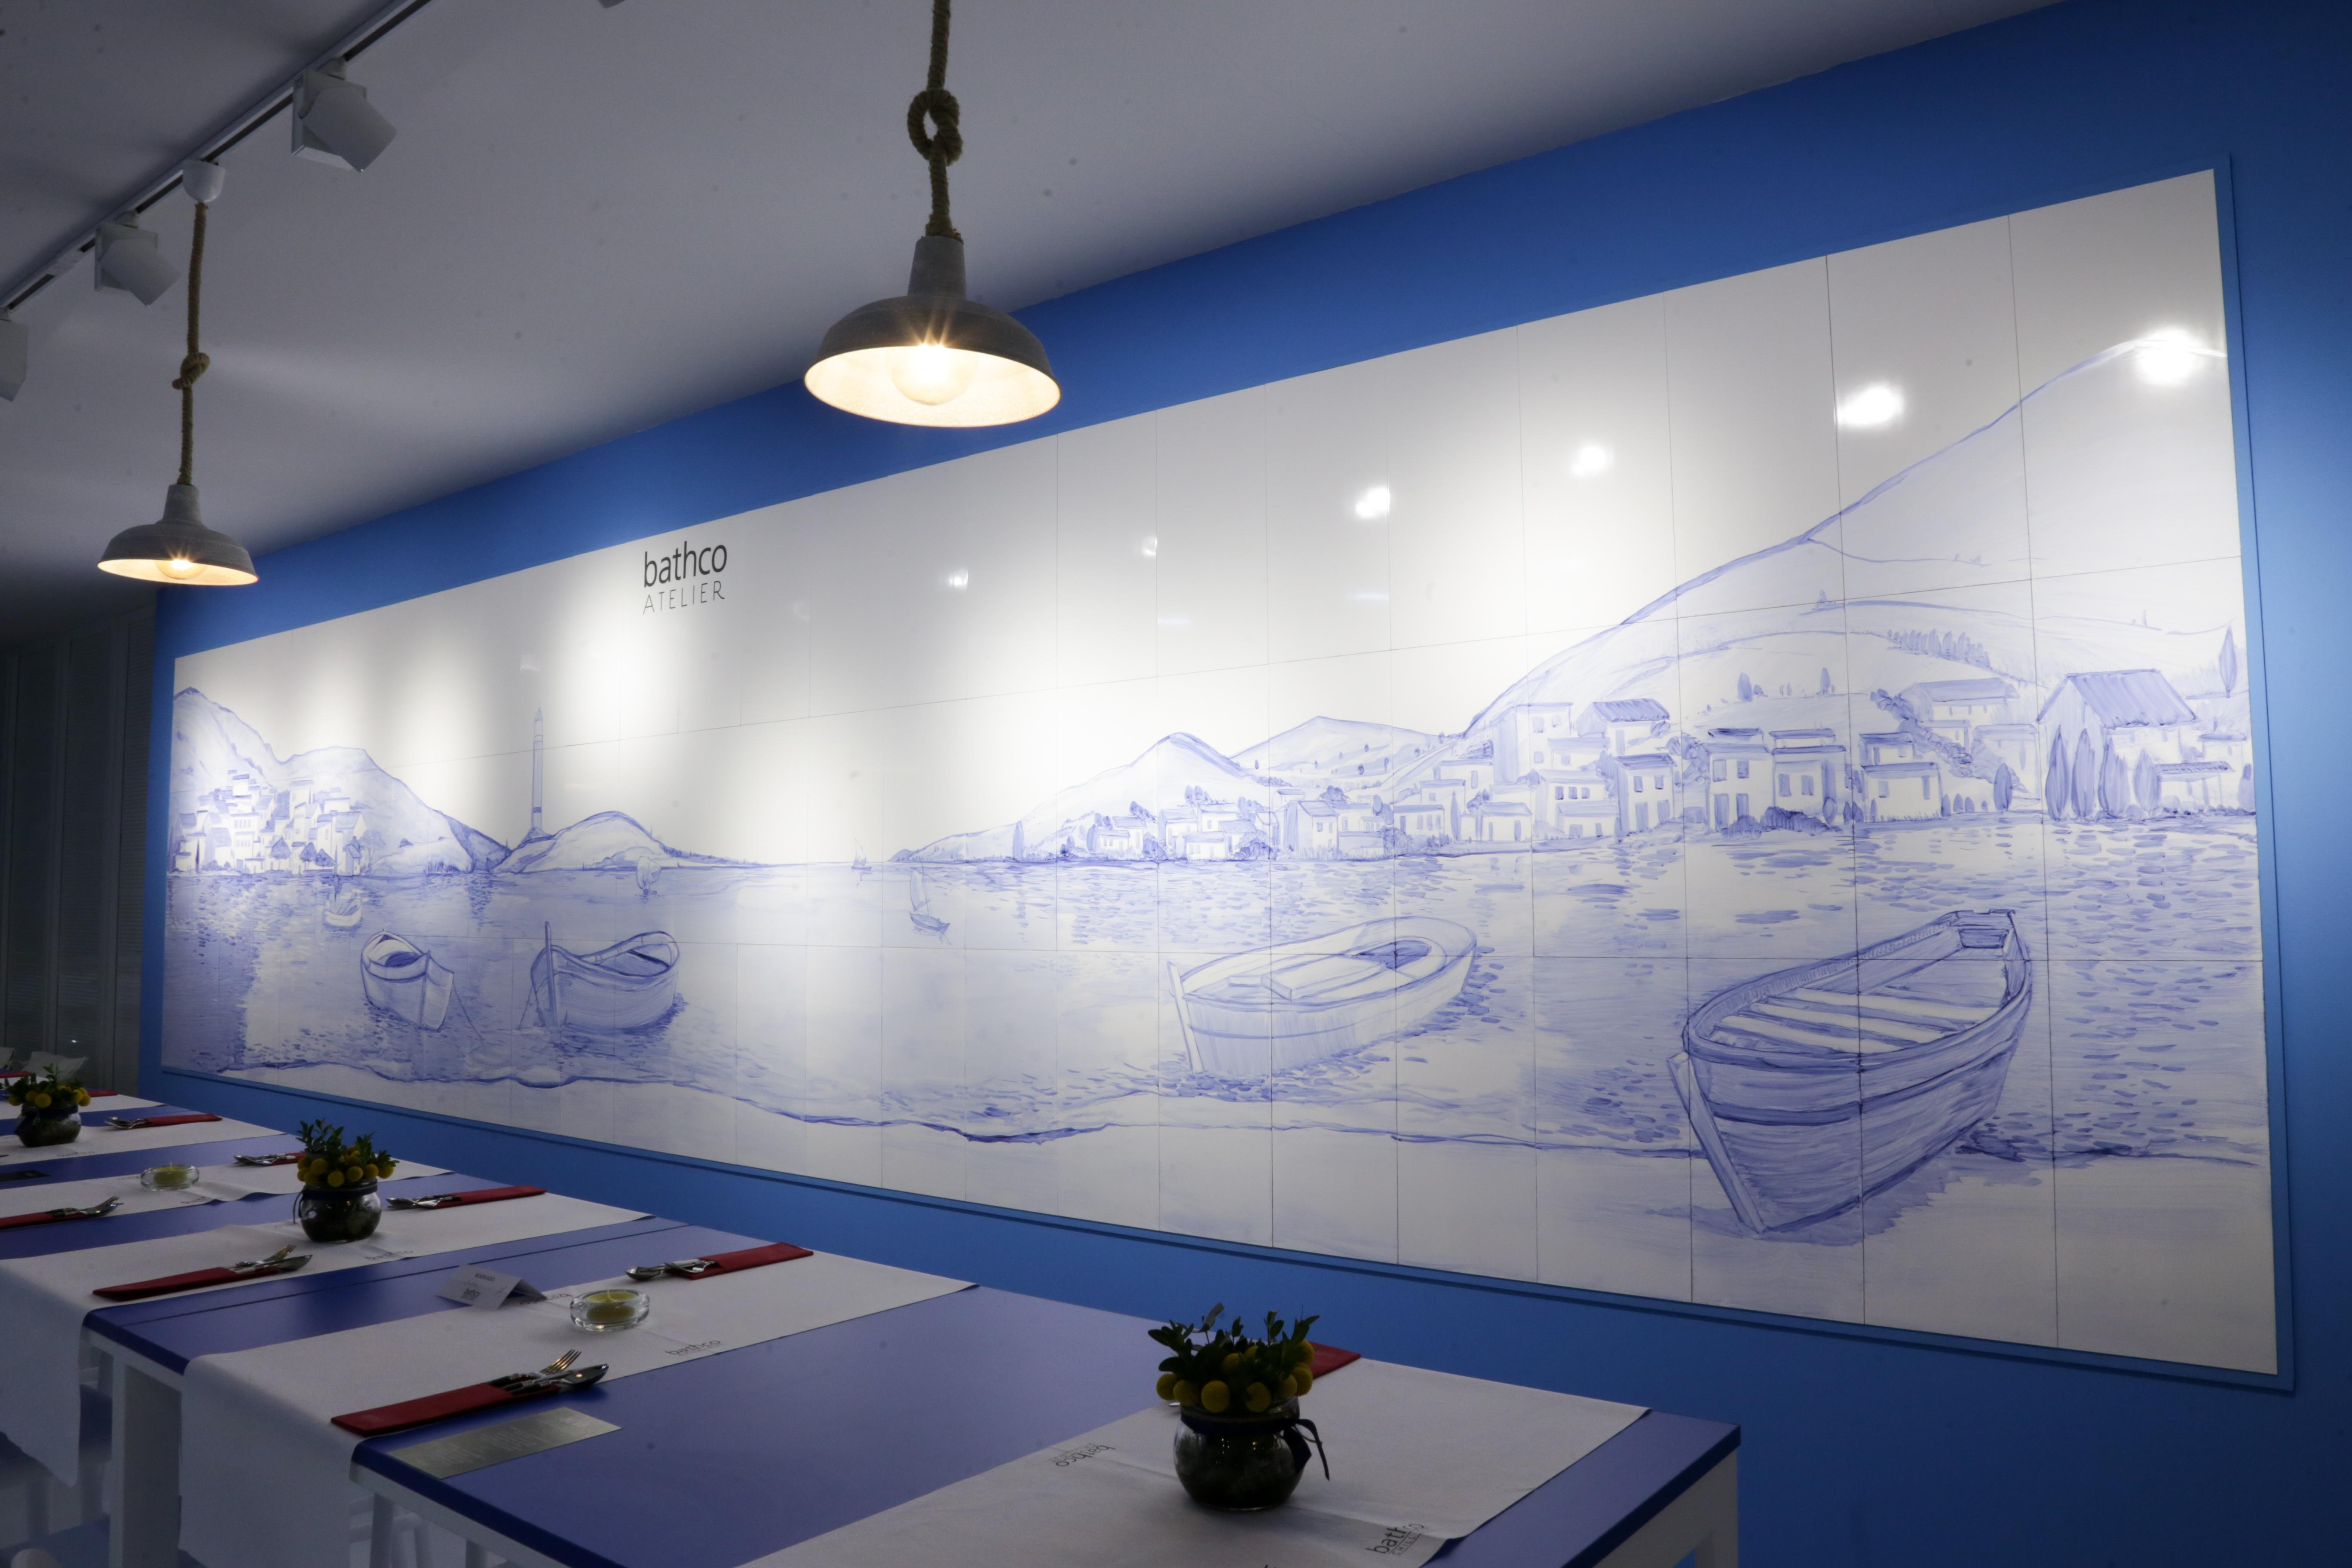 Mural de Bathco Atelier en Cevisama